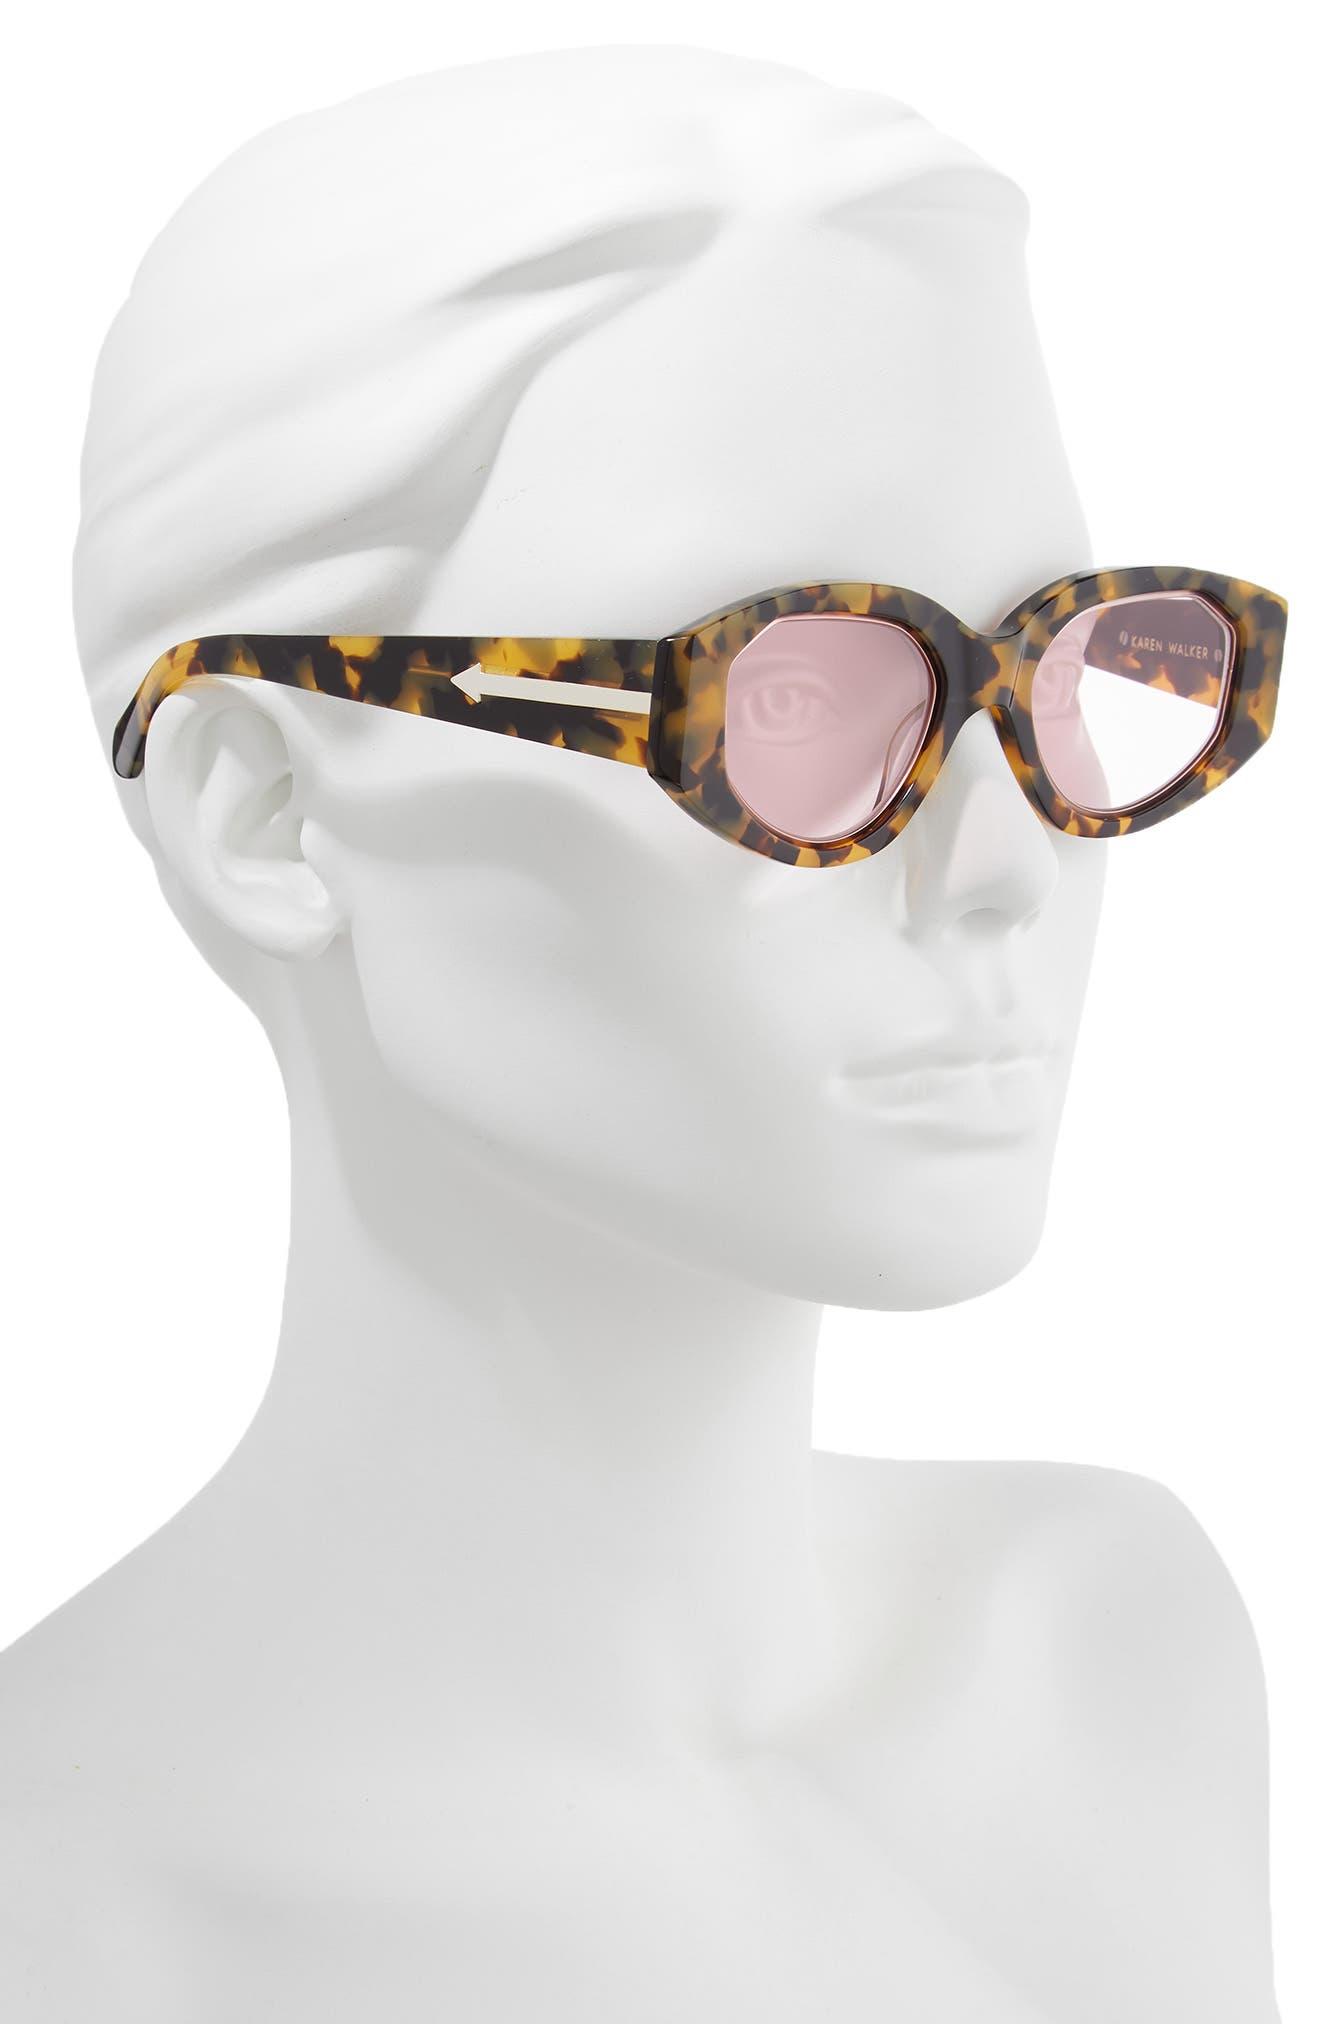 3dac334d5e5 Karen Walker Sunglasses